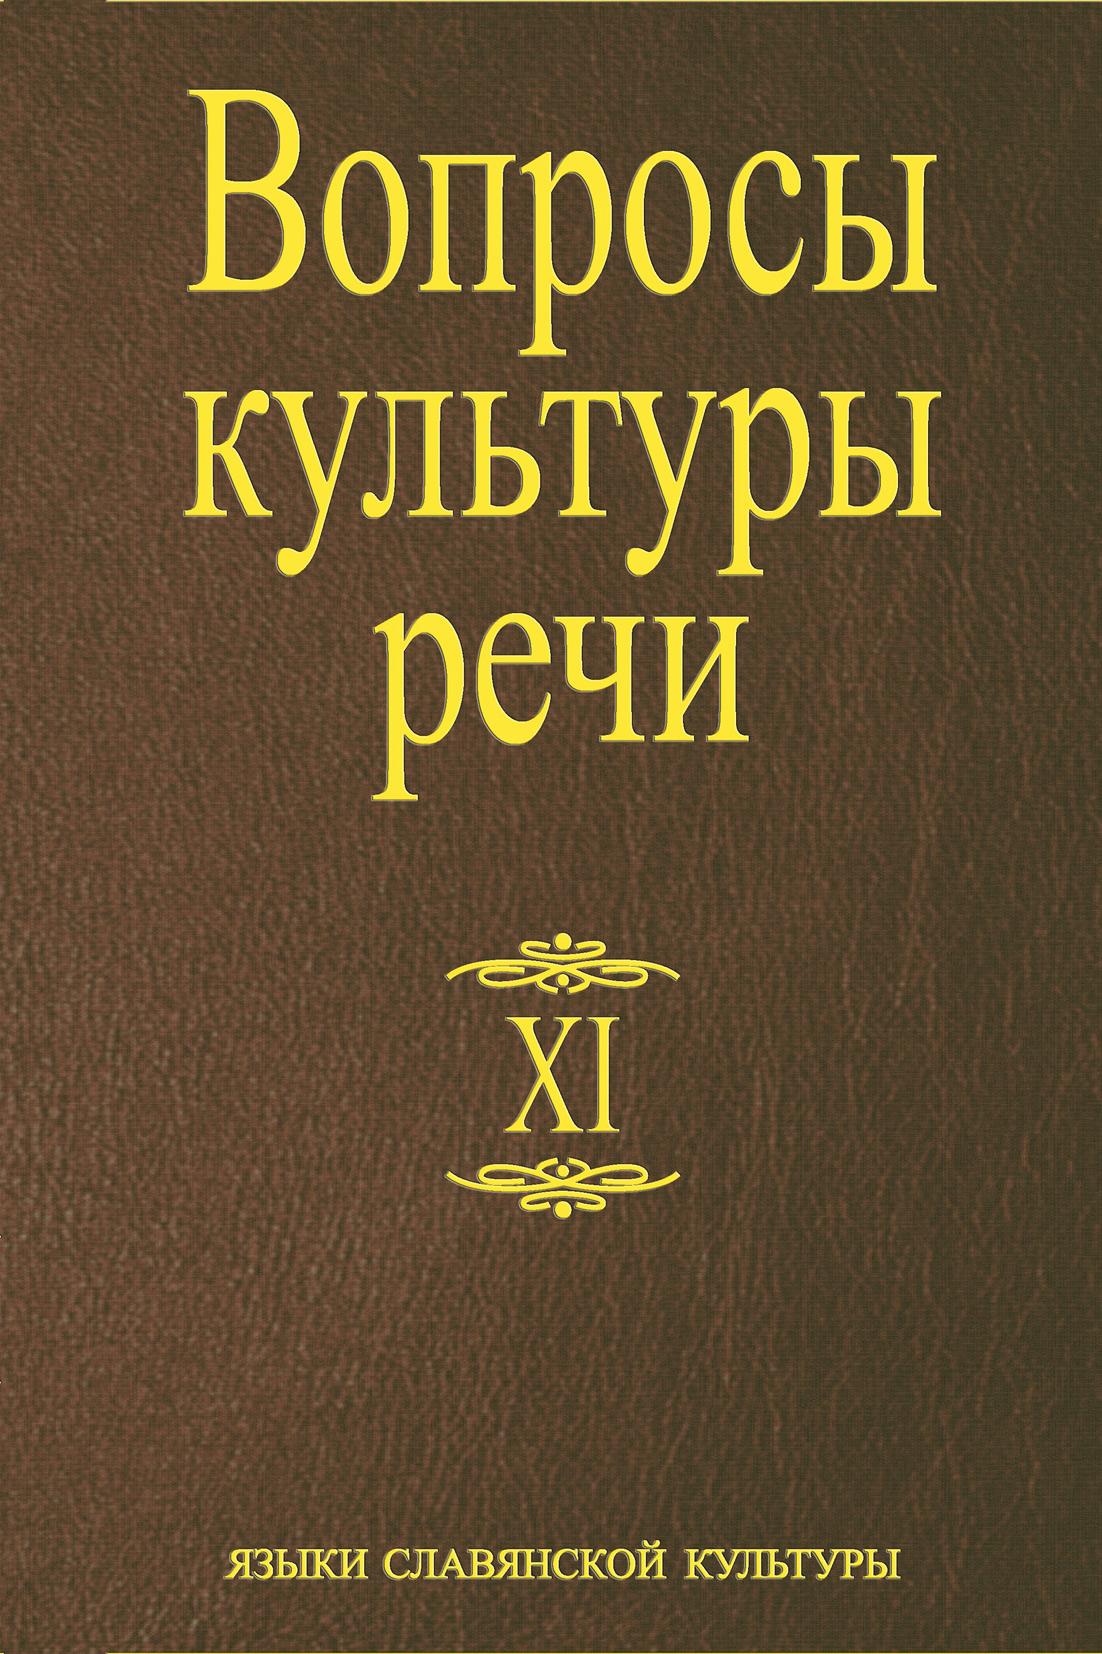 Сборник Вопросы культуры речи. Выпуск XI